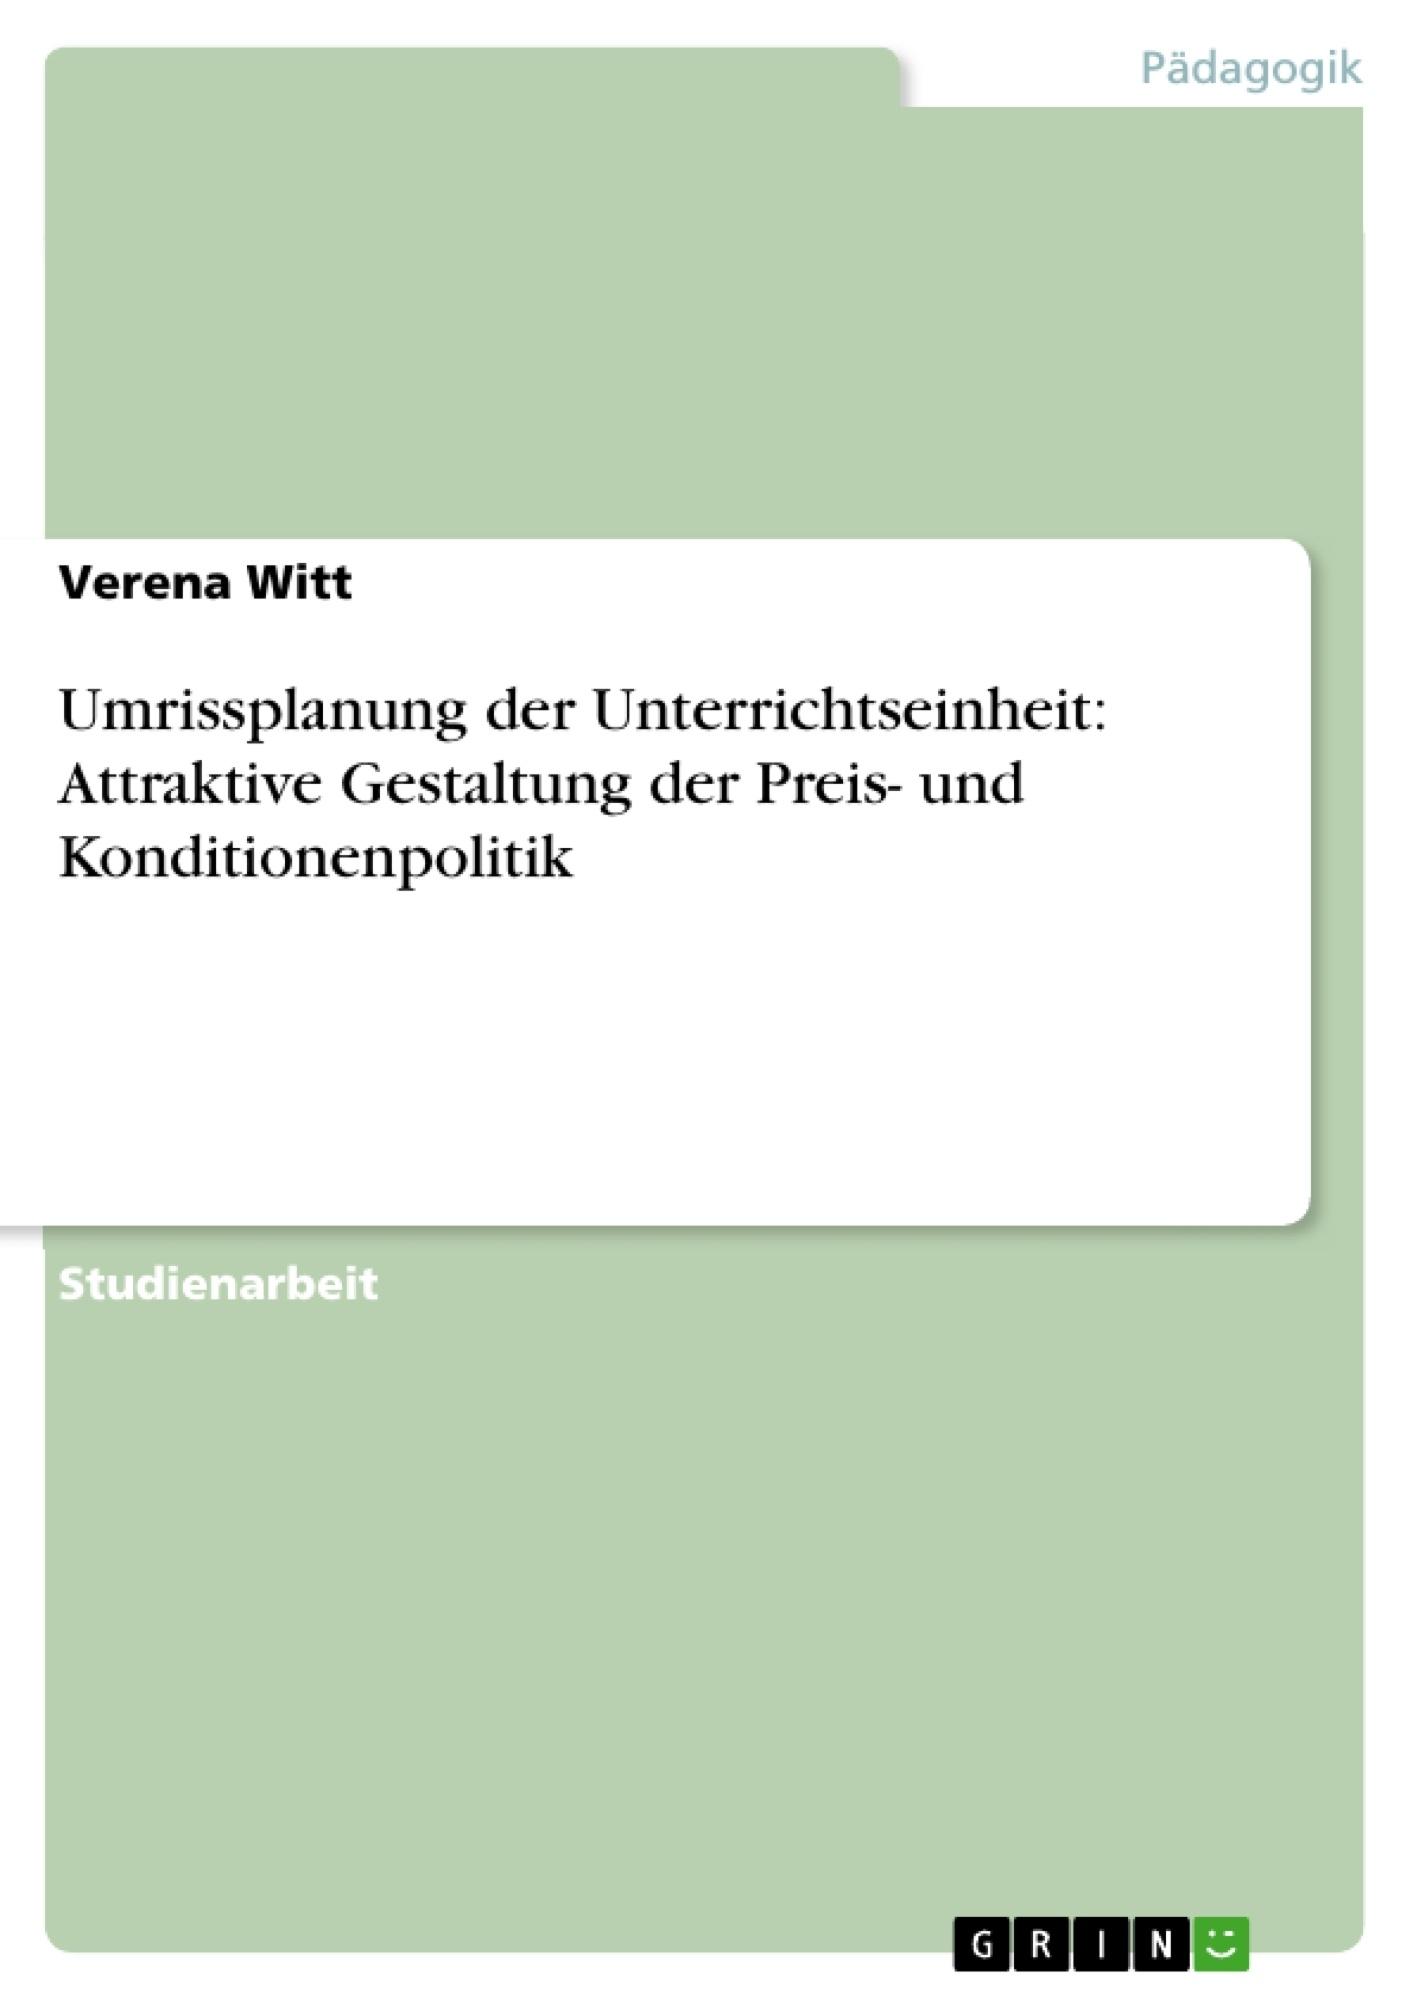 Titel: Umrissplanung der Unterrichtseinheit: Attraktive Gestaltung der Preis- und Konditionenpolitik